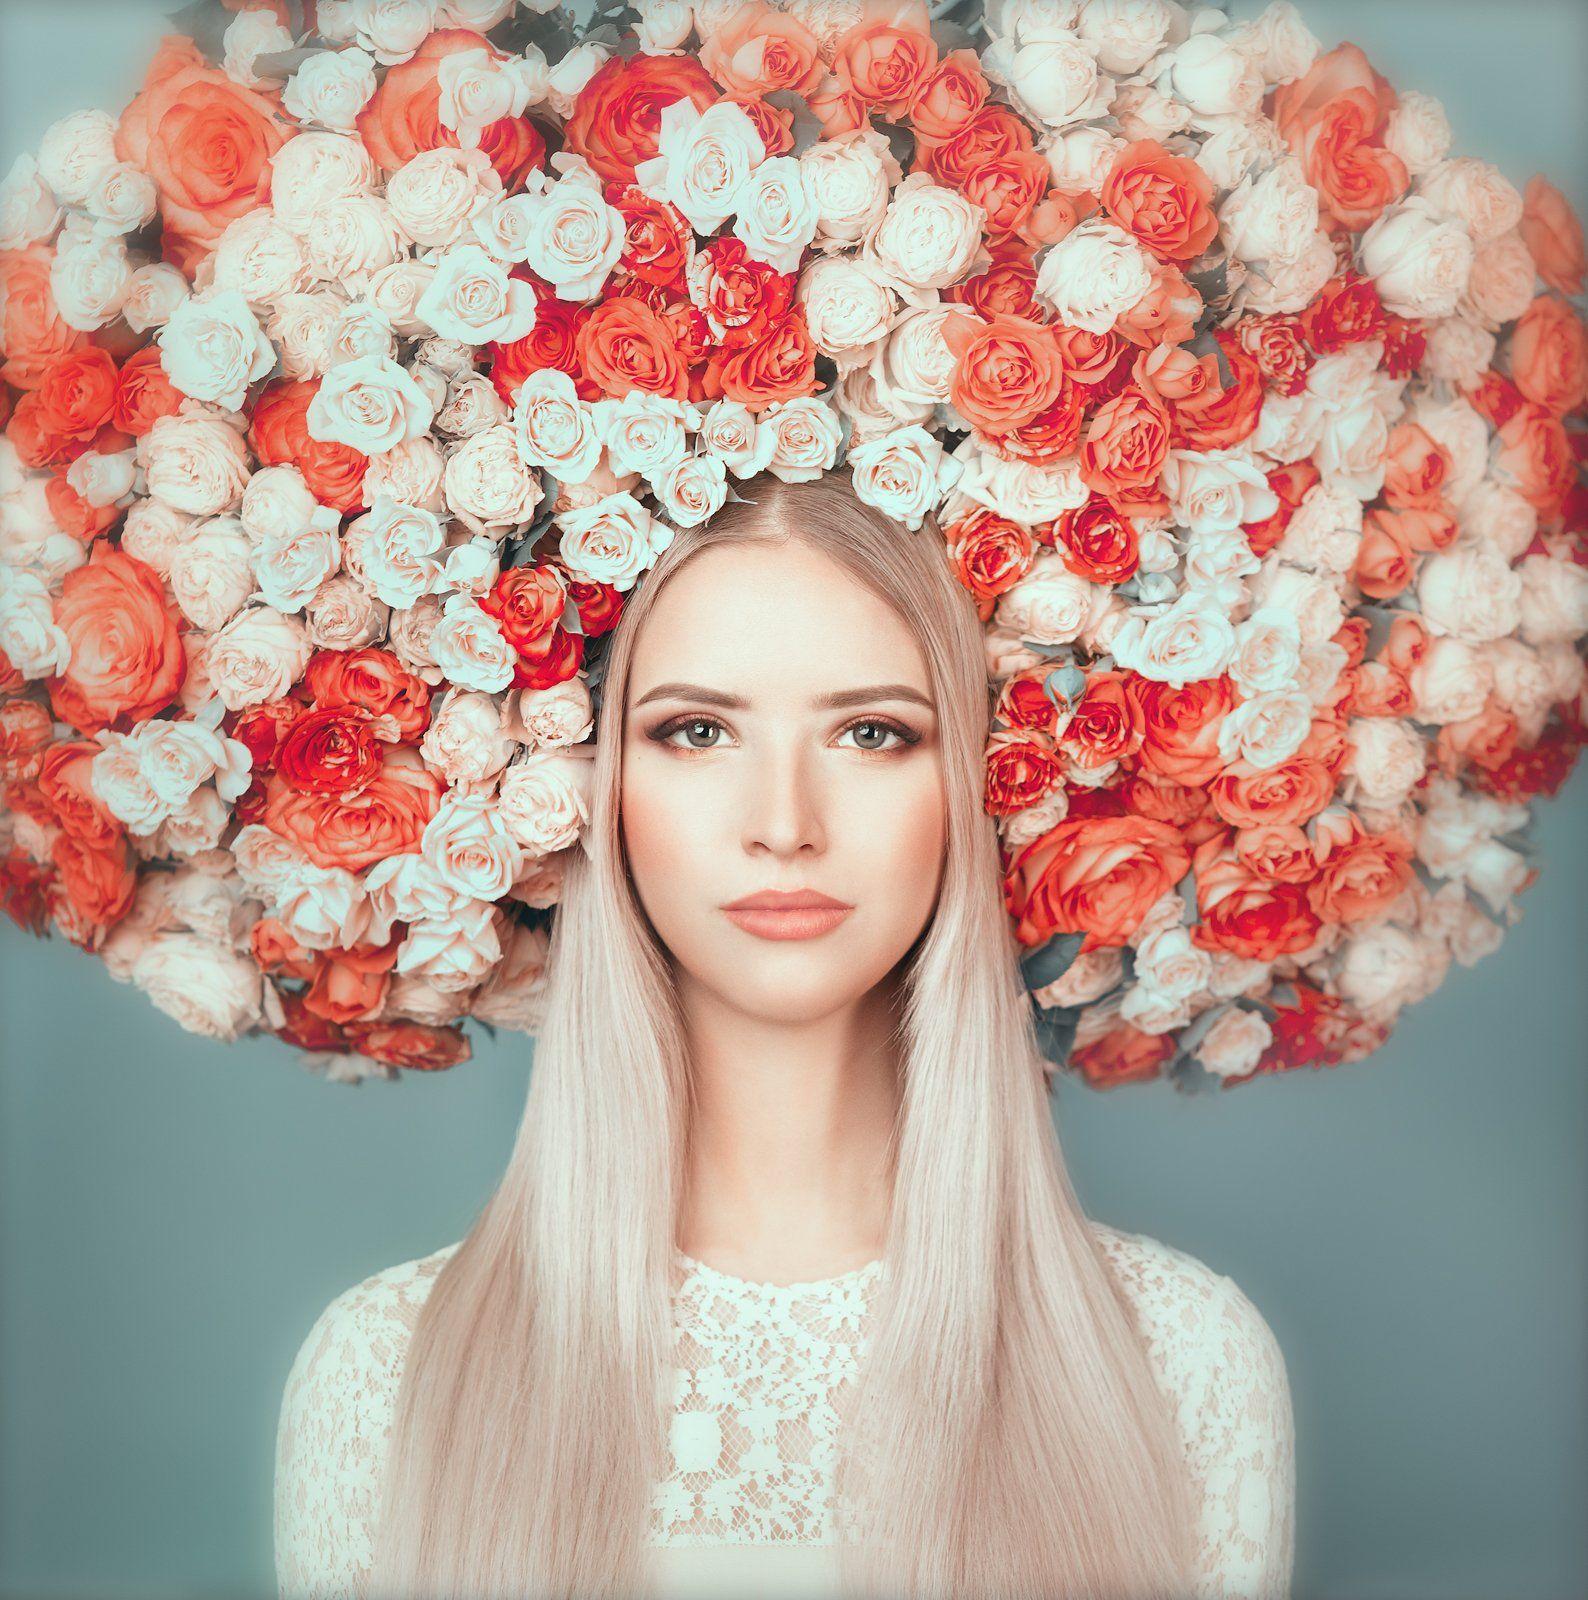 портрет,девушка,лицо,цветы,весна,арт,, Воронин Андрей